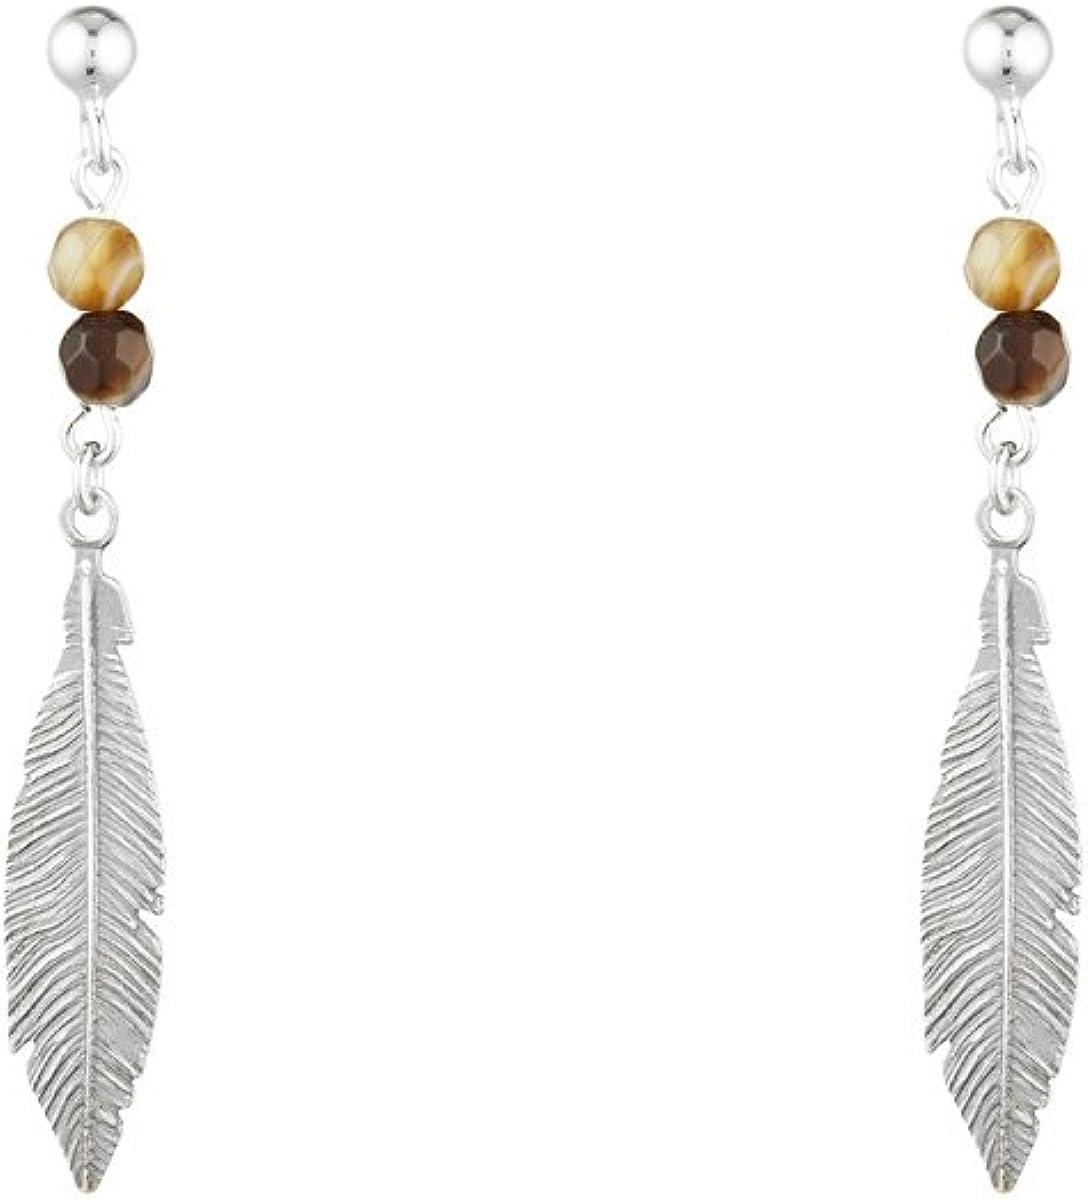 Córdoba Jewels | Pendientes en plata de ley 925 bañada en óxido con piedra semipreciosa. Diseño Indian Ámbar Swarovski